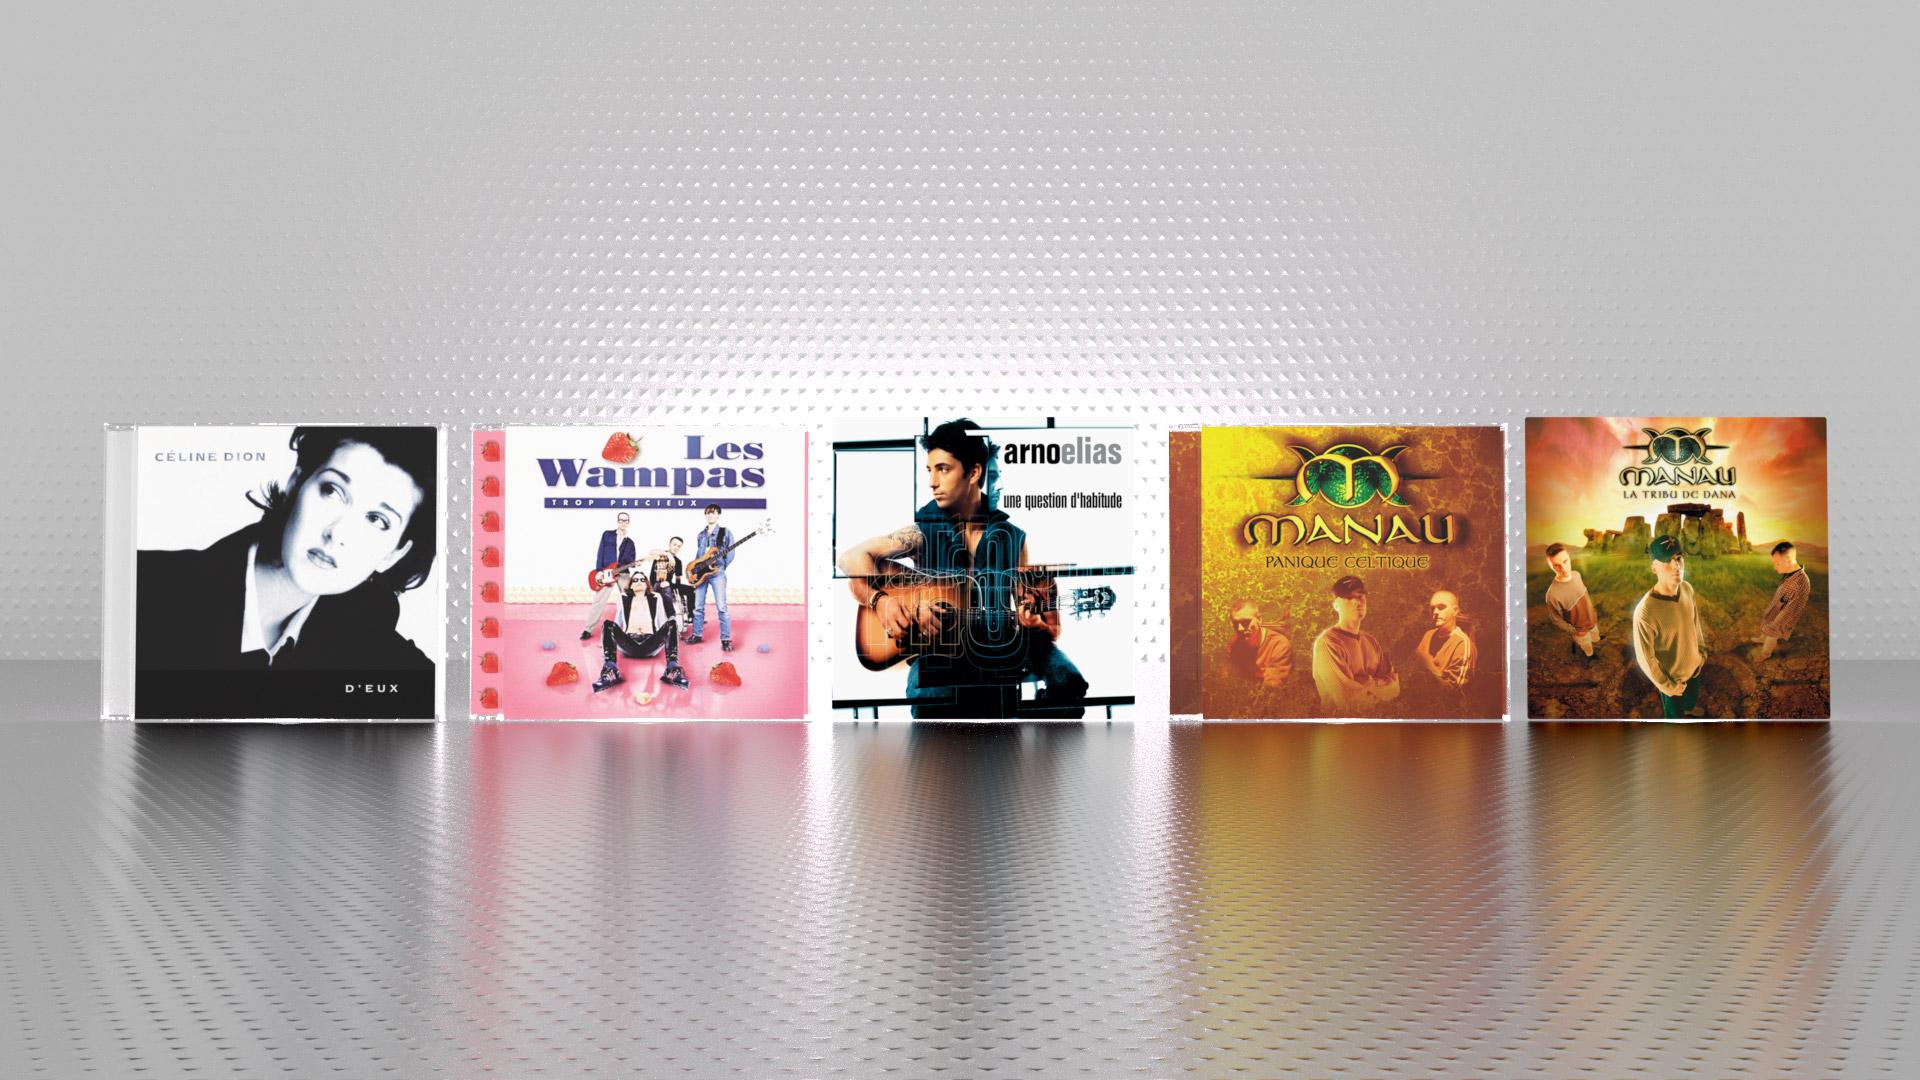 Céline Dion, D'Eux (Columbia, Sony Music via FKGB)Les Wampas, Trop précieux (BMG via FKGB)Arno Elias, une question d'habitude (BMG)Manau, Panique Celtique, La Tribu de Dana (Polydor, Universal Music via FKGB)